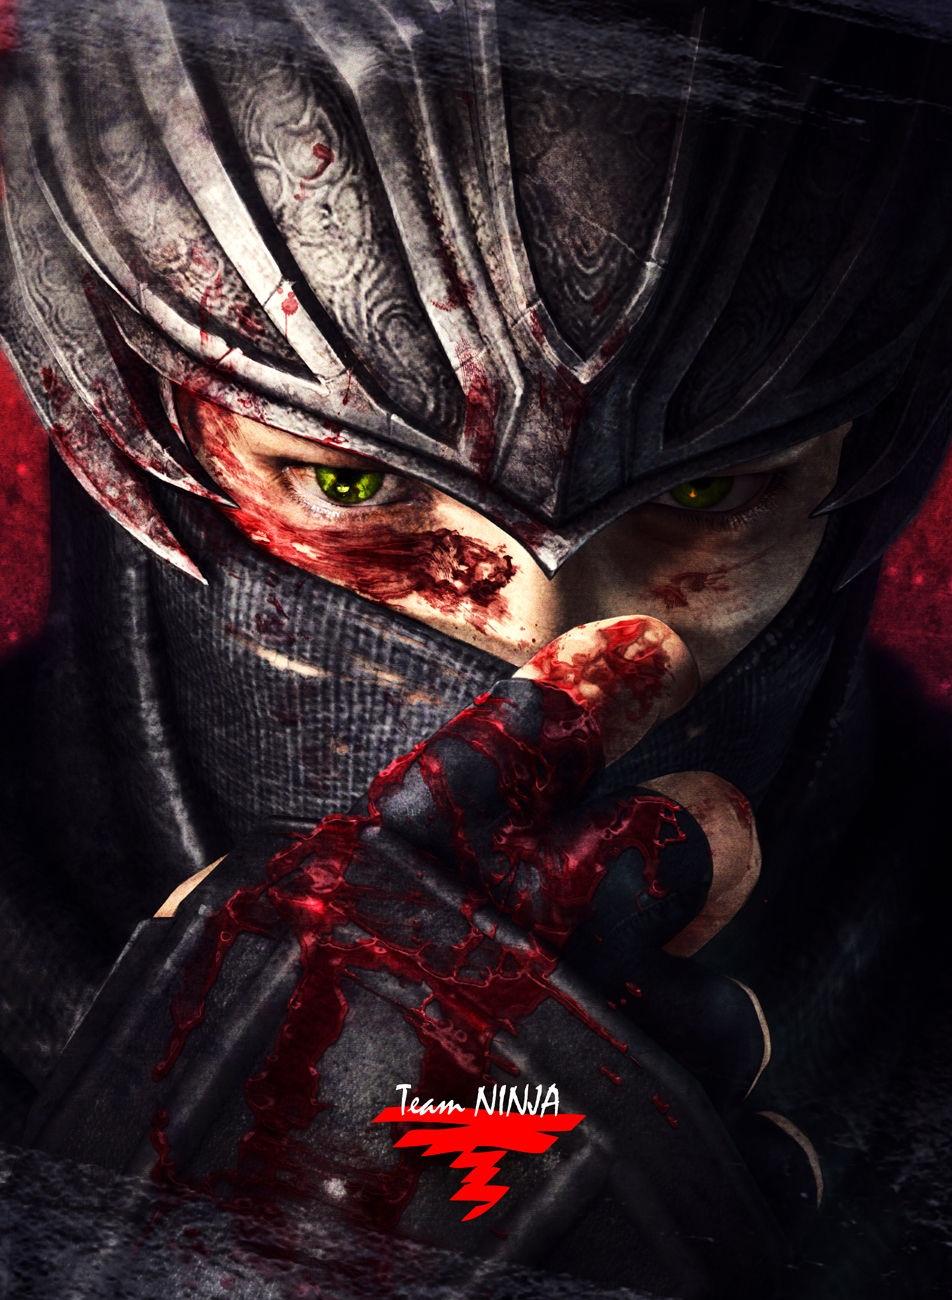 ninja maiden